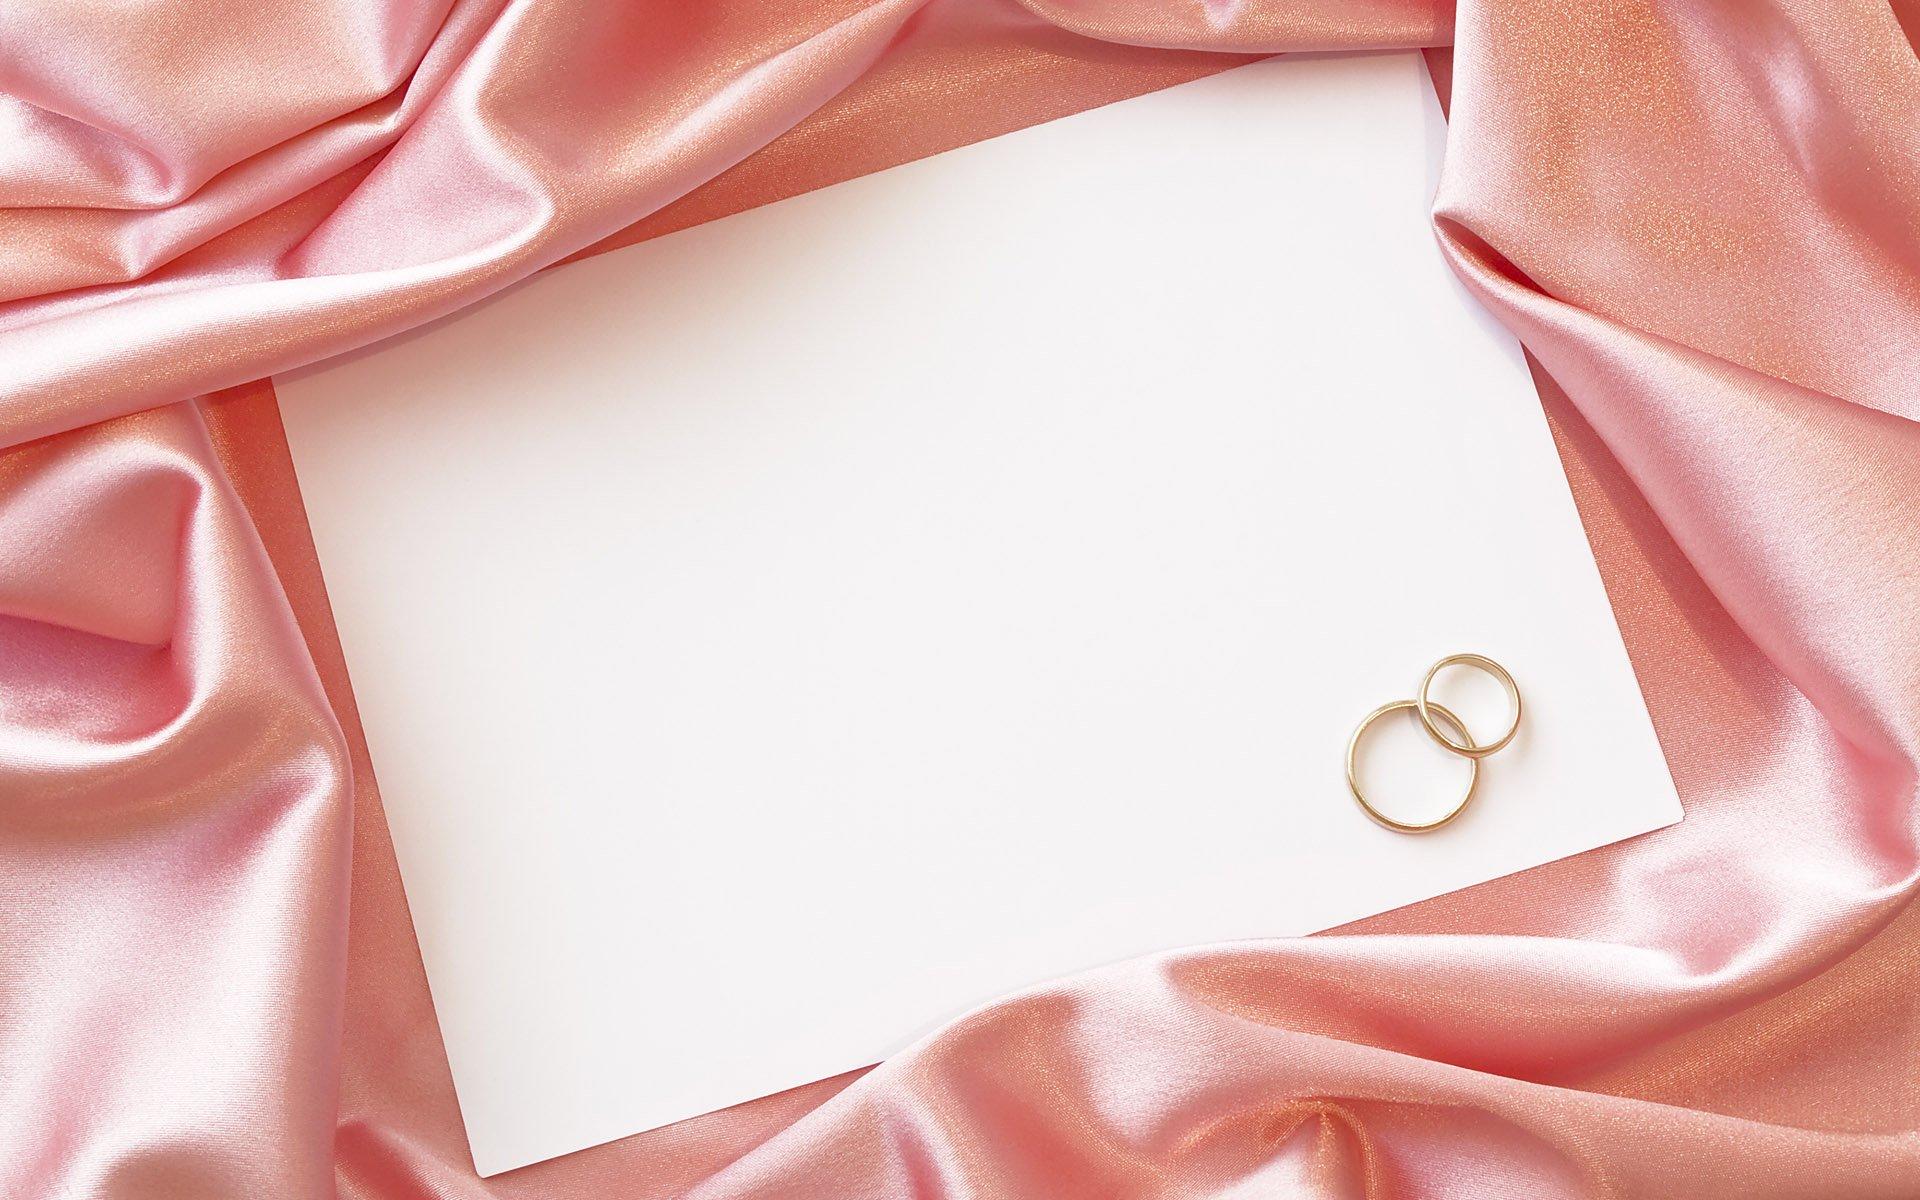 крыму станет фото презентация на свадьбу витамин